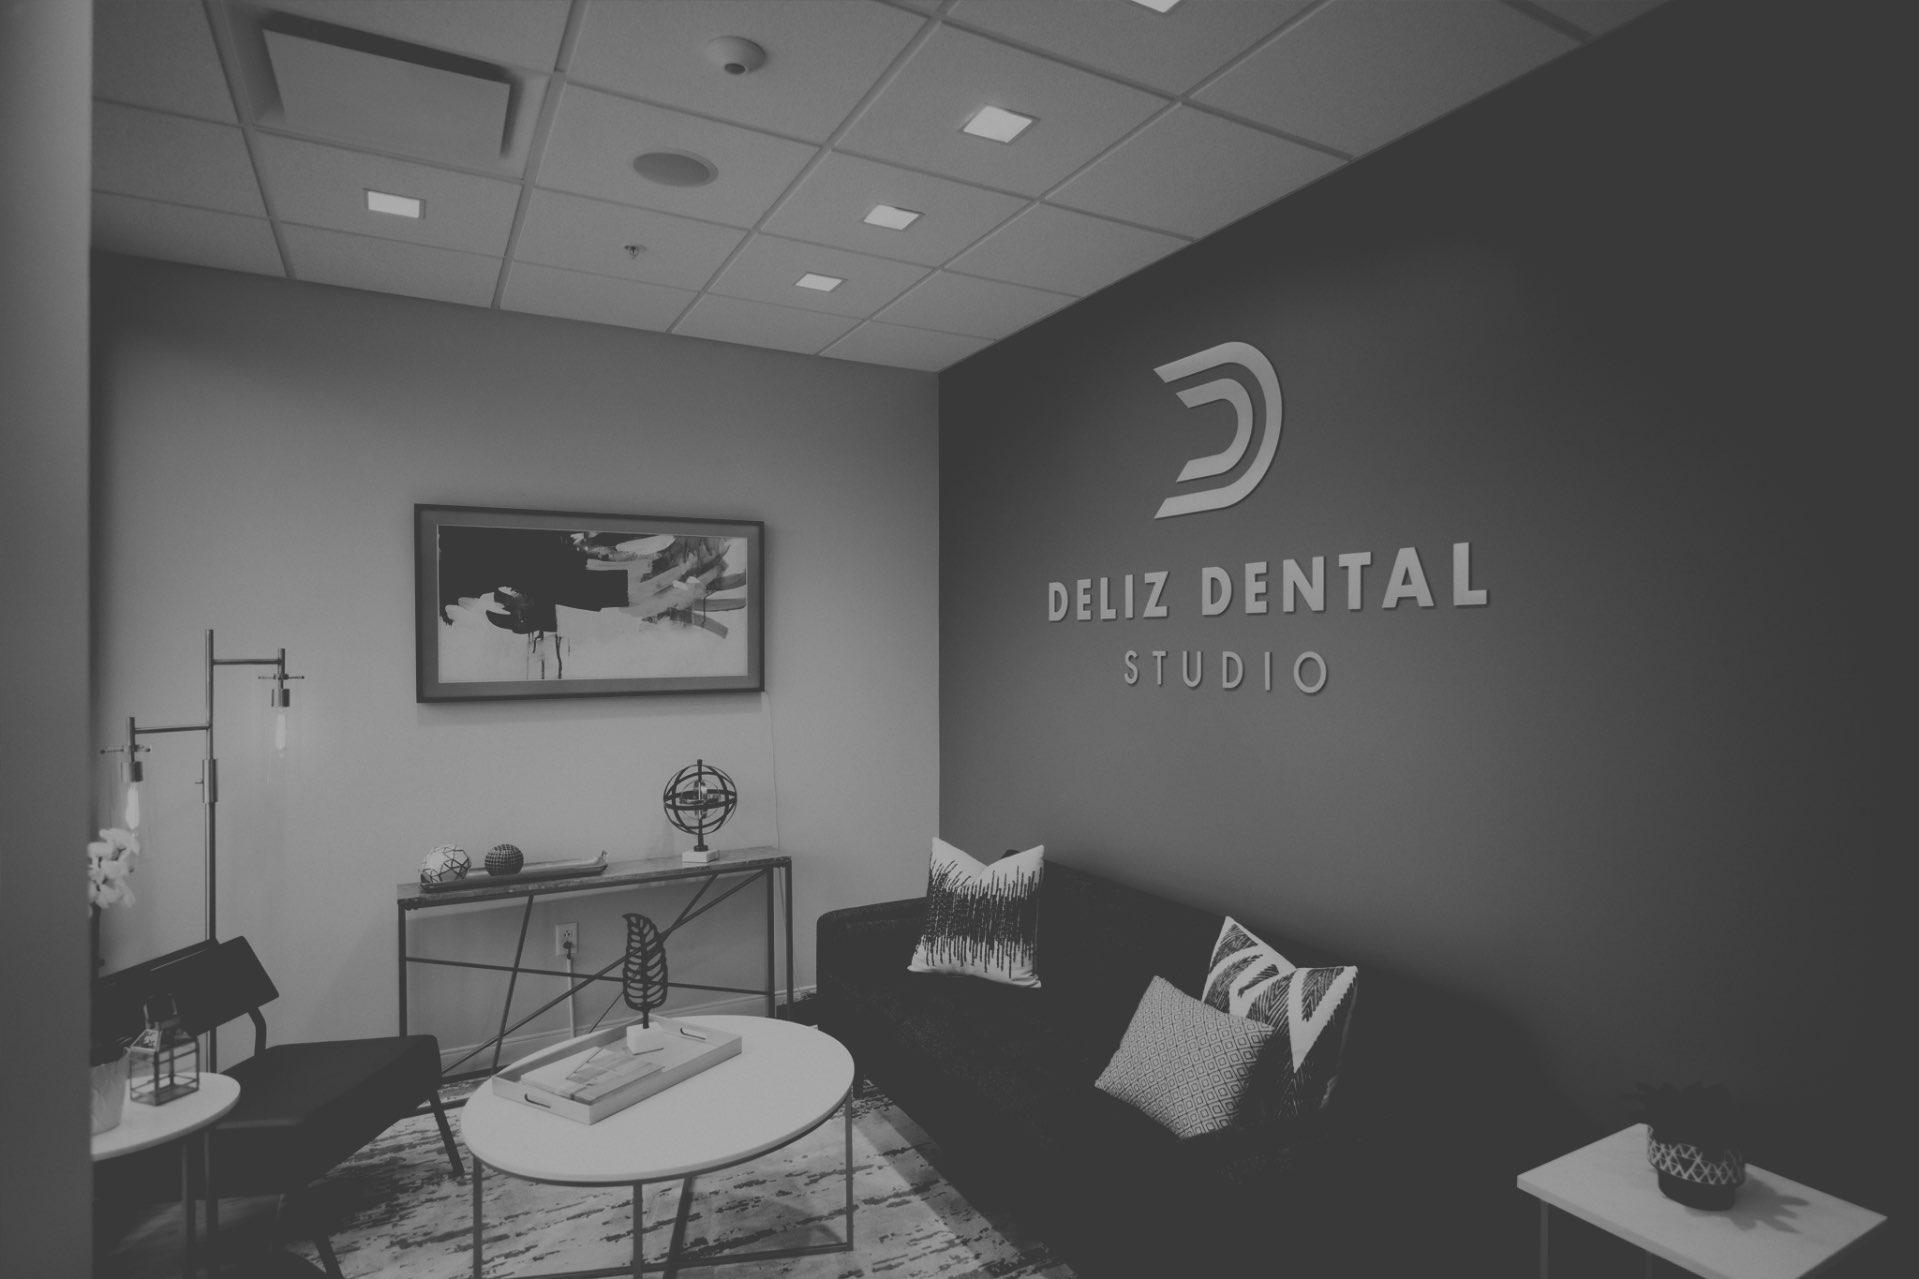 Photo of the Deliz Dental Studio lobby